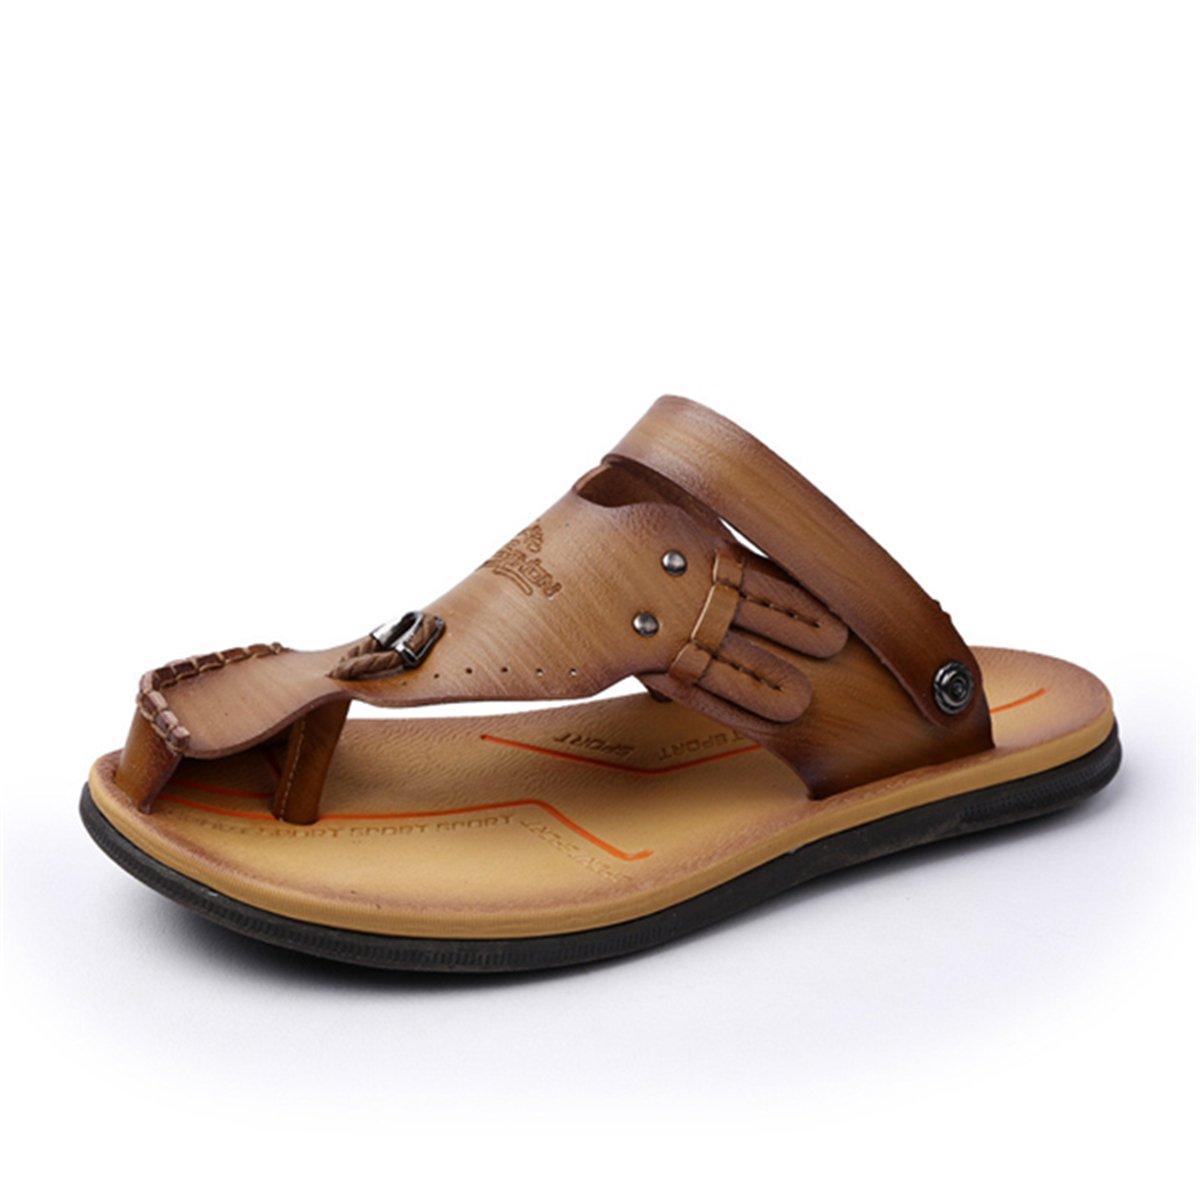 Gracosy Flip Flops, Unisex Zehentrenner Flache Hausschuhe Pantoletten Sommer Schuhe Slippers Weich Anti-Rutsch T-Strap Sandalen fuuml;r Herren Damenr  40 EU|Khaki